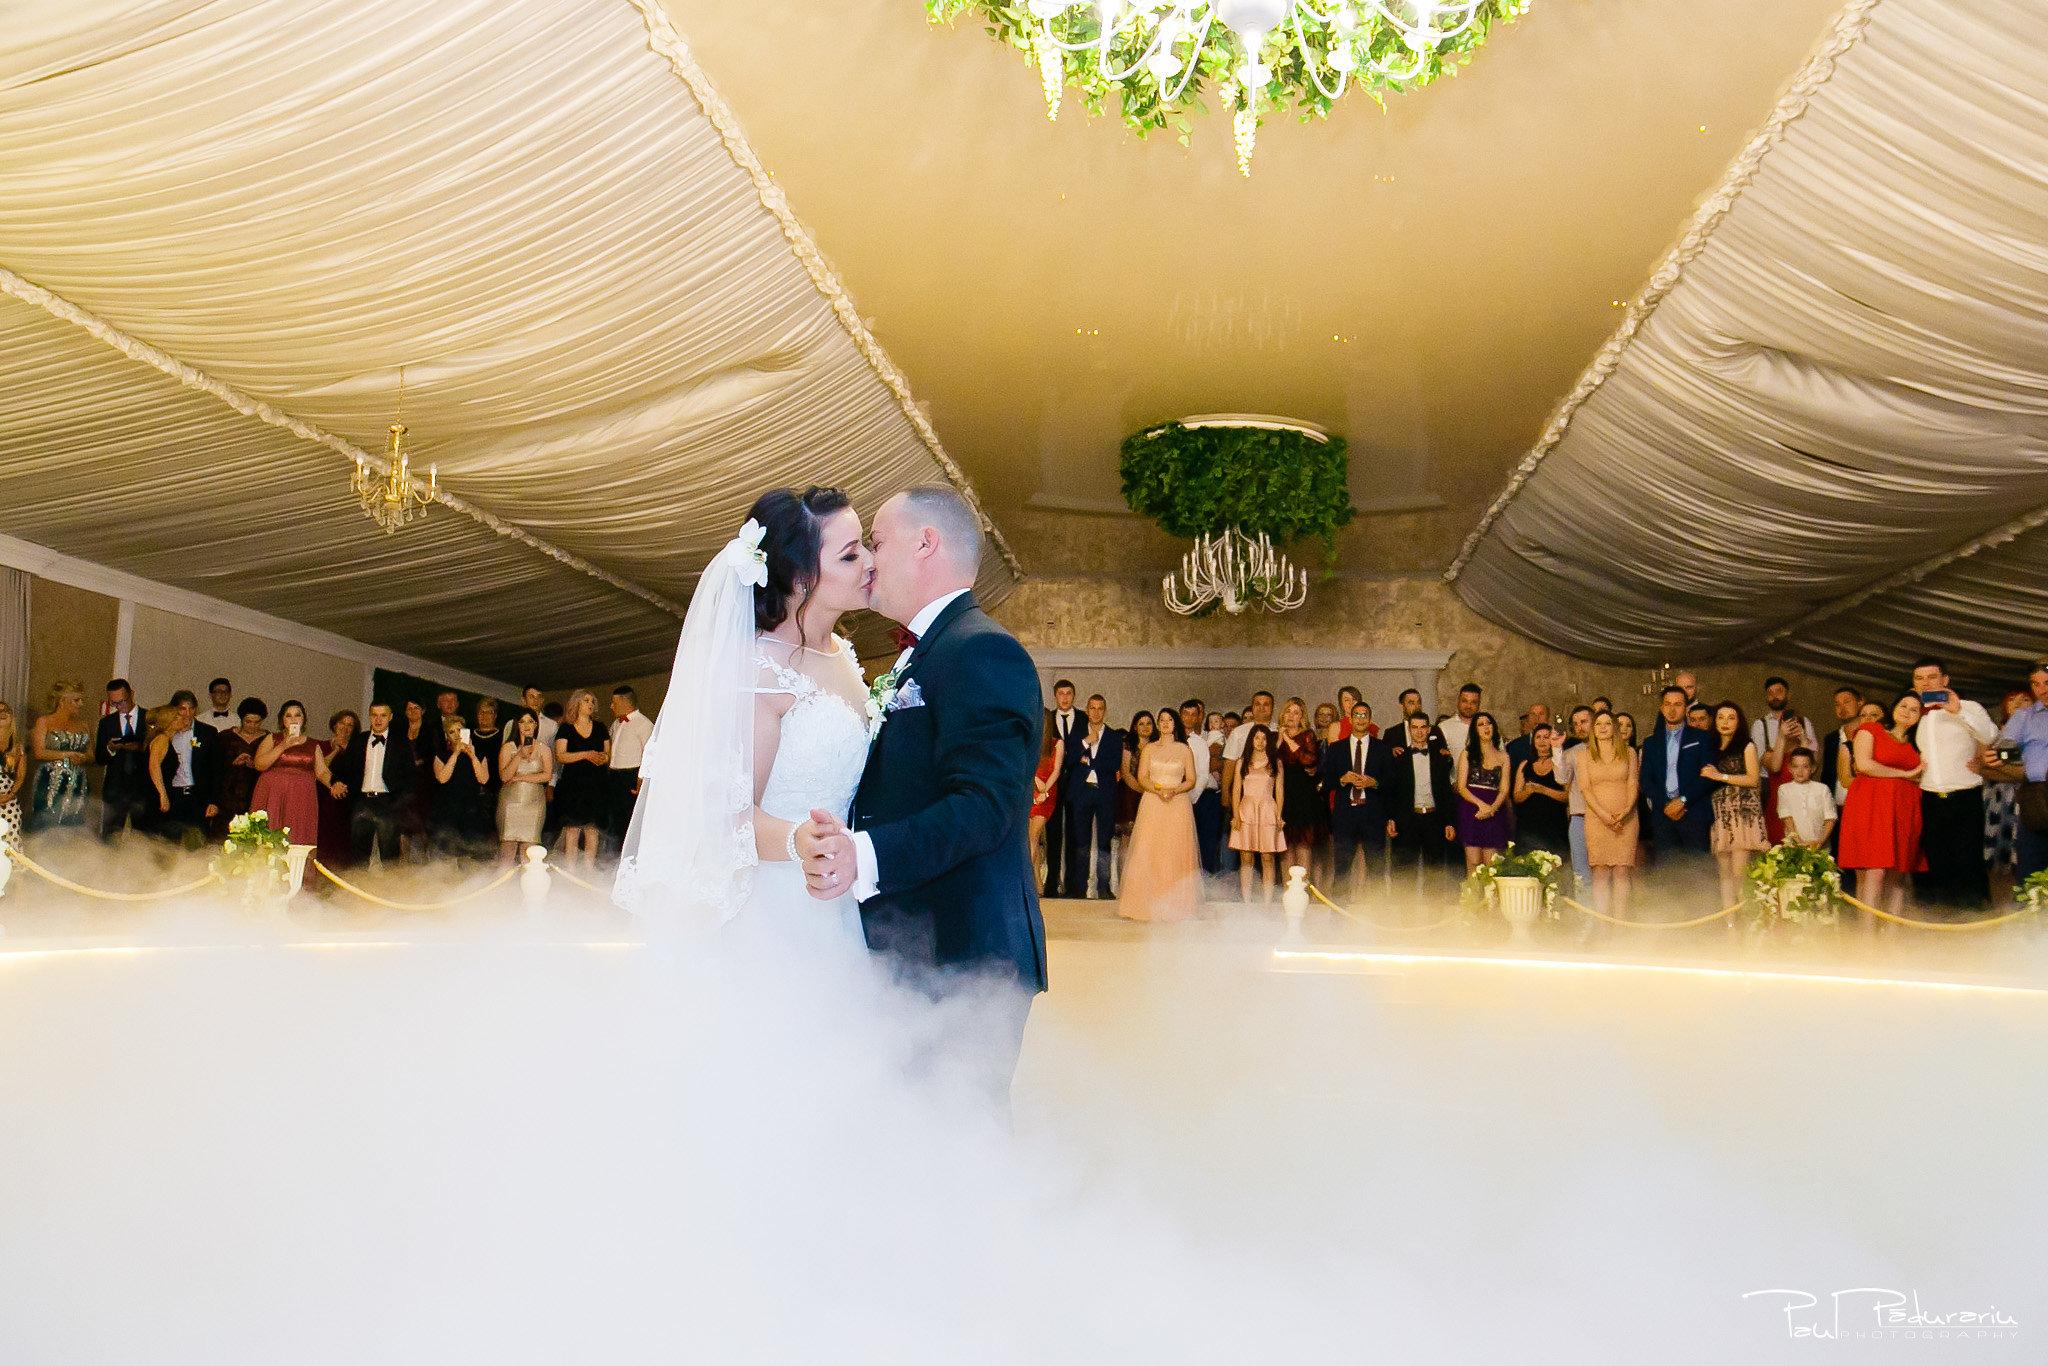 Dansul mirilor Ana-Maria și Marius nunta La Castel Iasi fotograf profesionist www.paulpadurariu.ro © 2018 Paul Padurariu 1